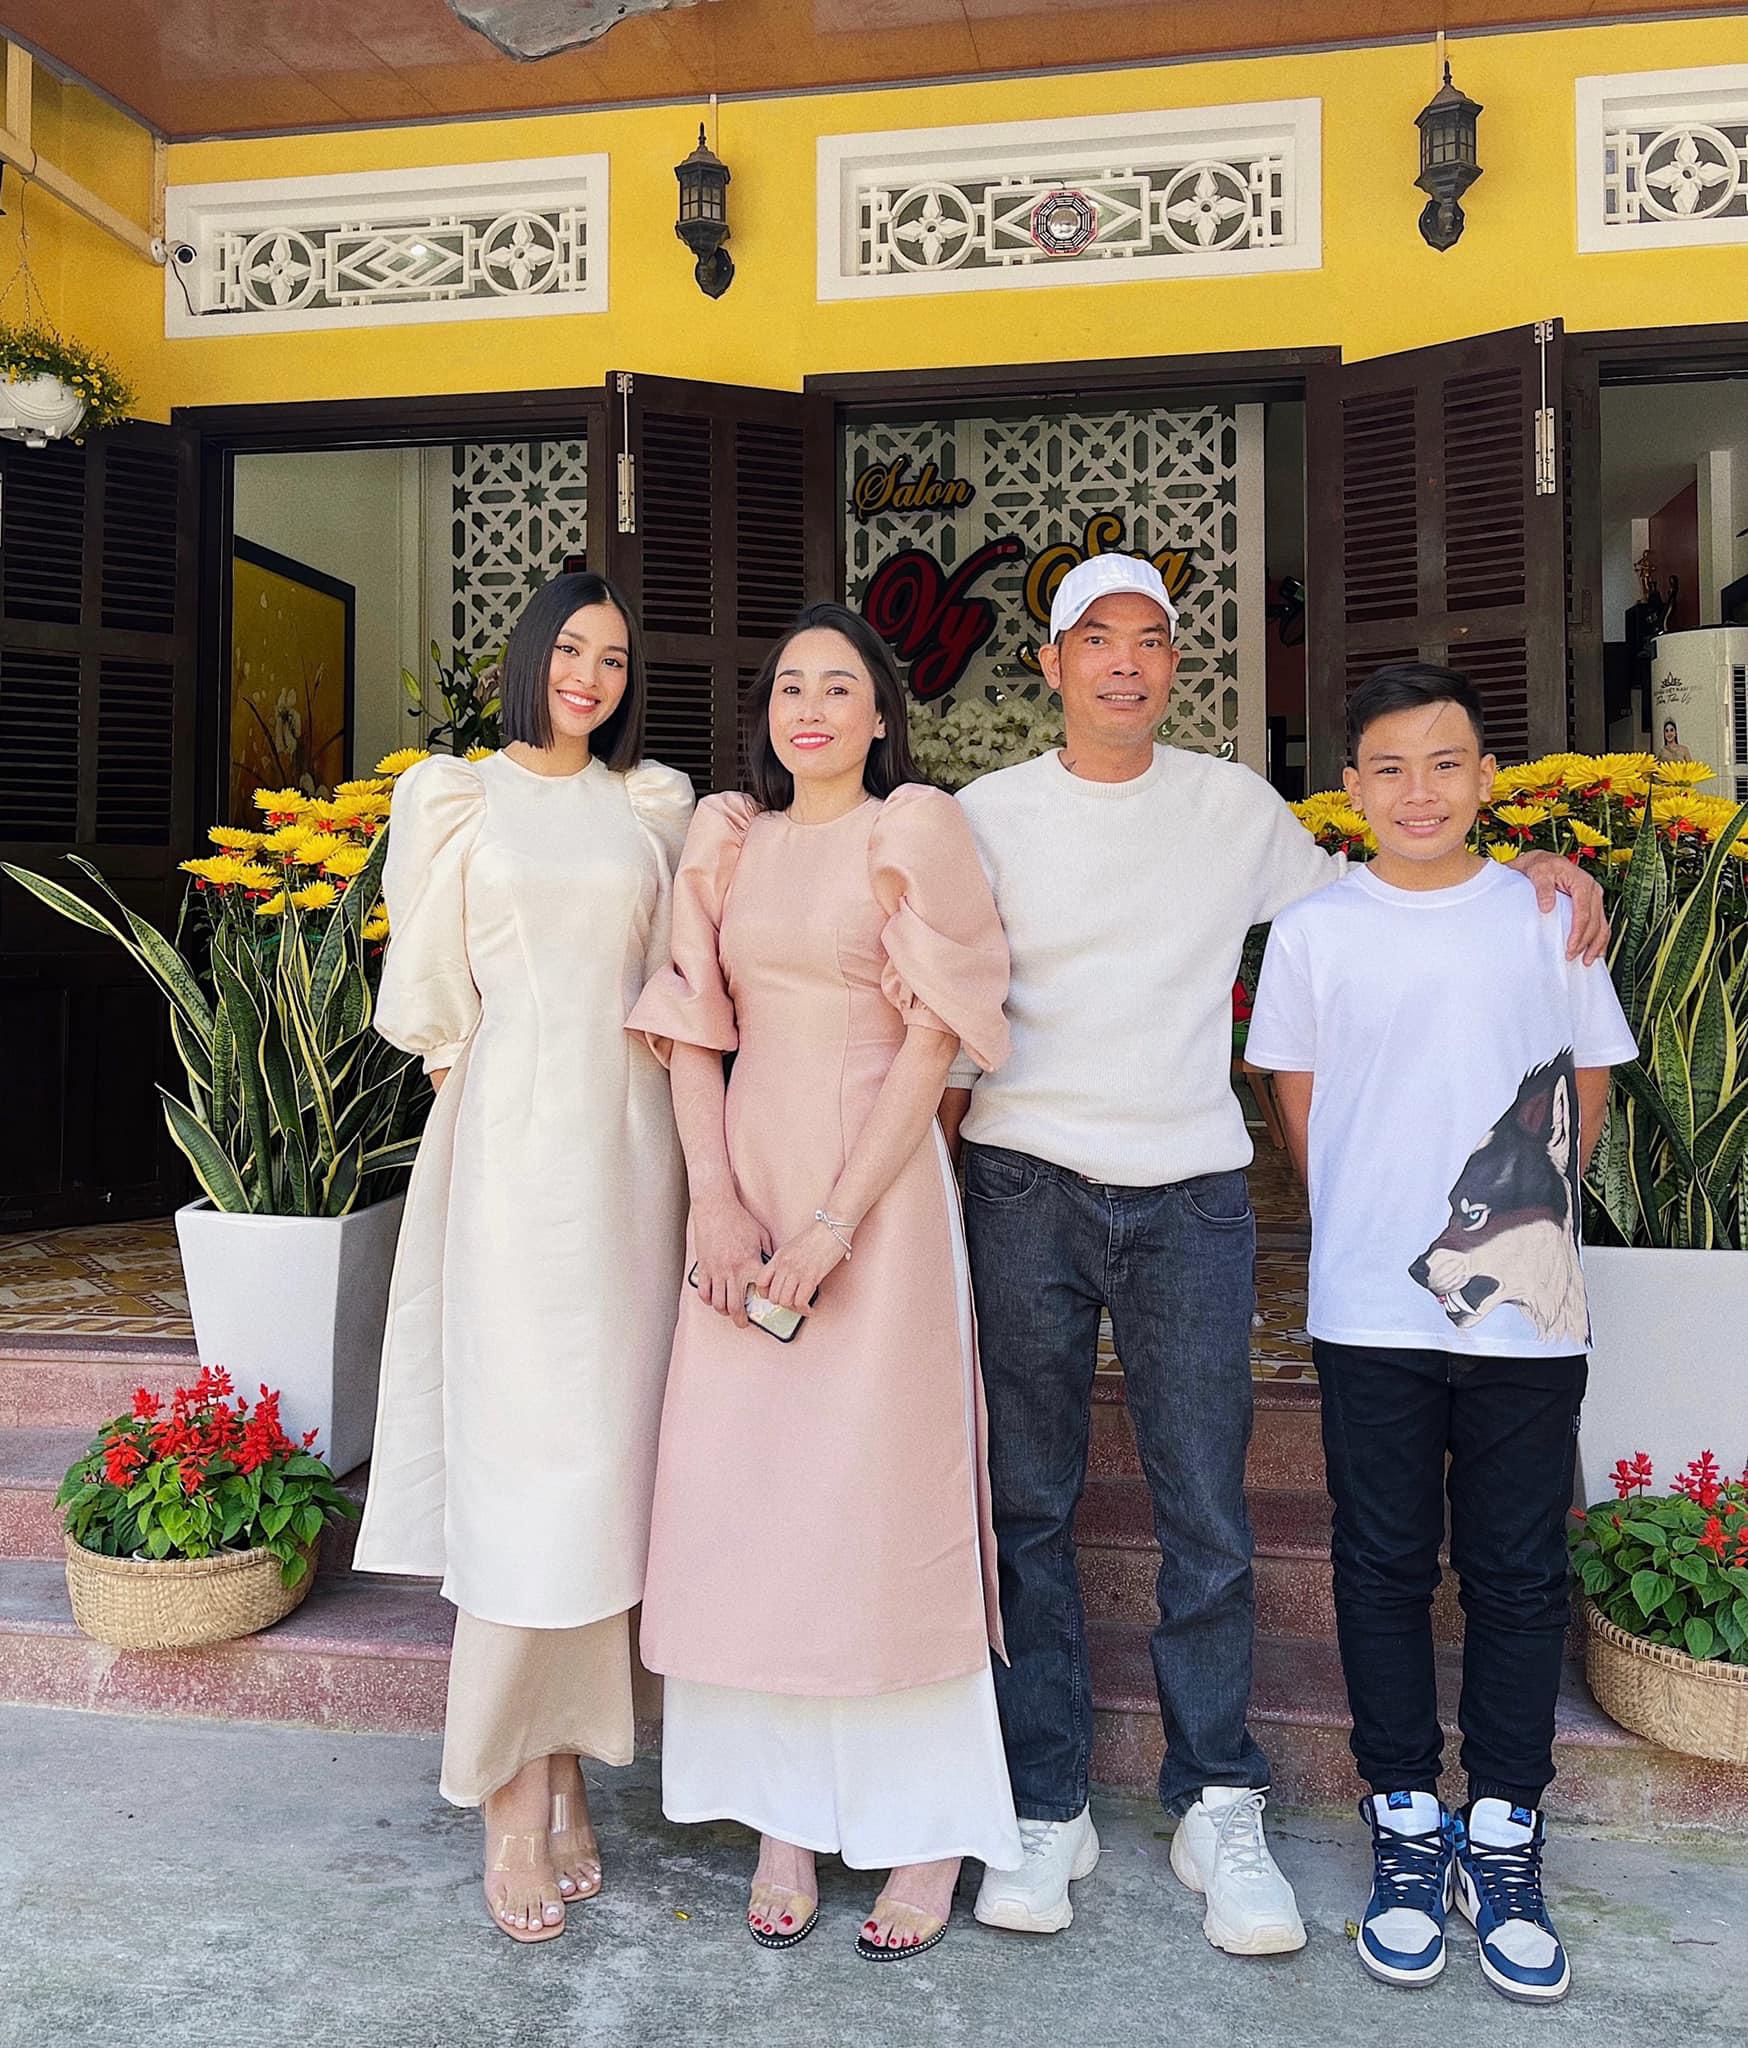 """Hoa hậu Trần Tiểu Vy: Tôi hơi """"tham lam"""" chọn người yêu chuẩn """"soái ca"""", cộng điểm cho trai đẹp - Ảnh 10."""